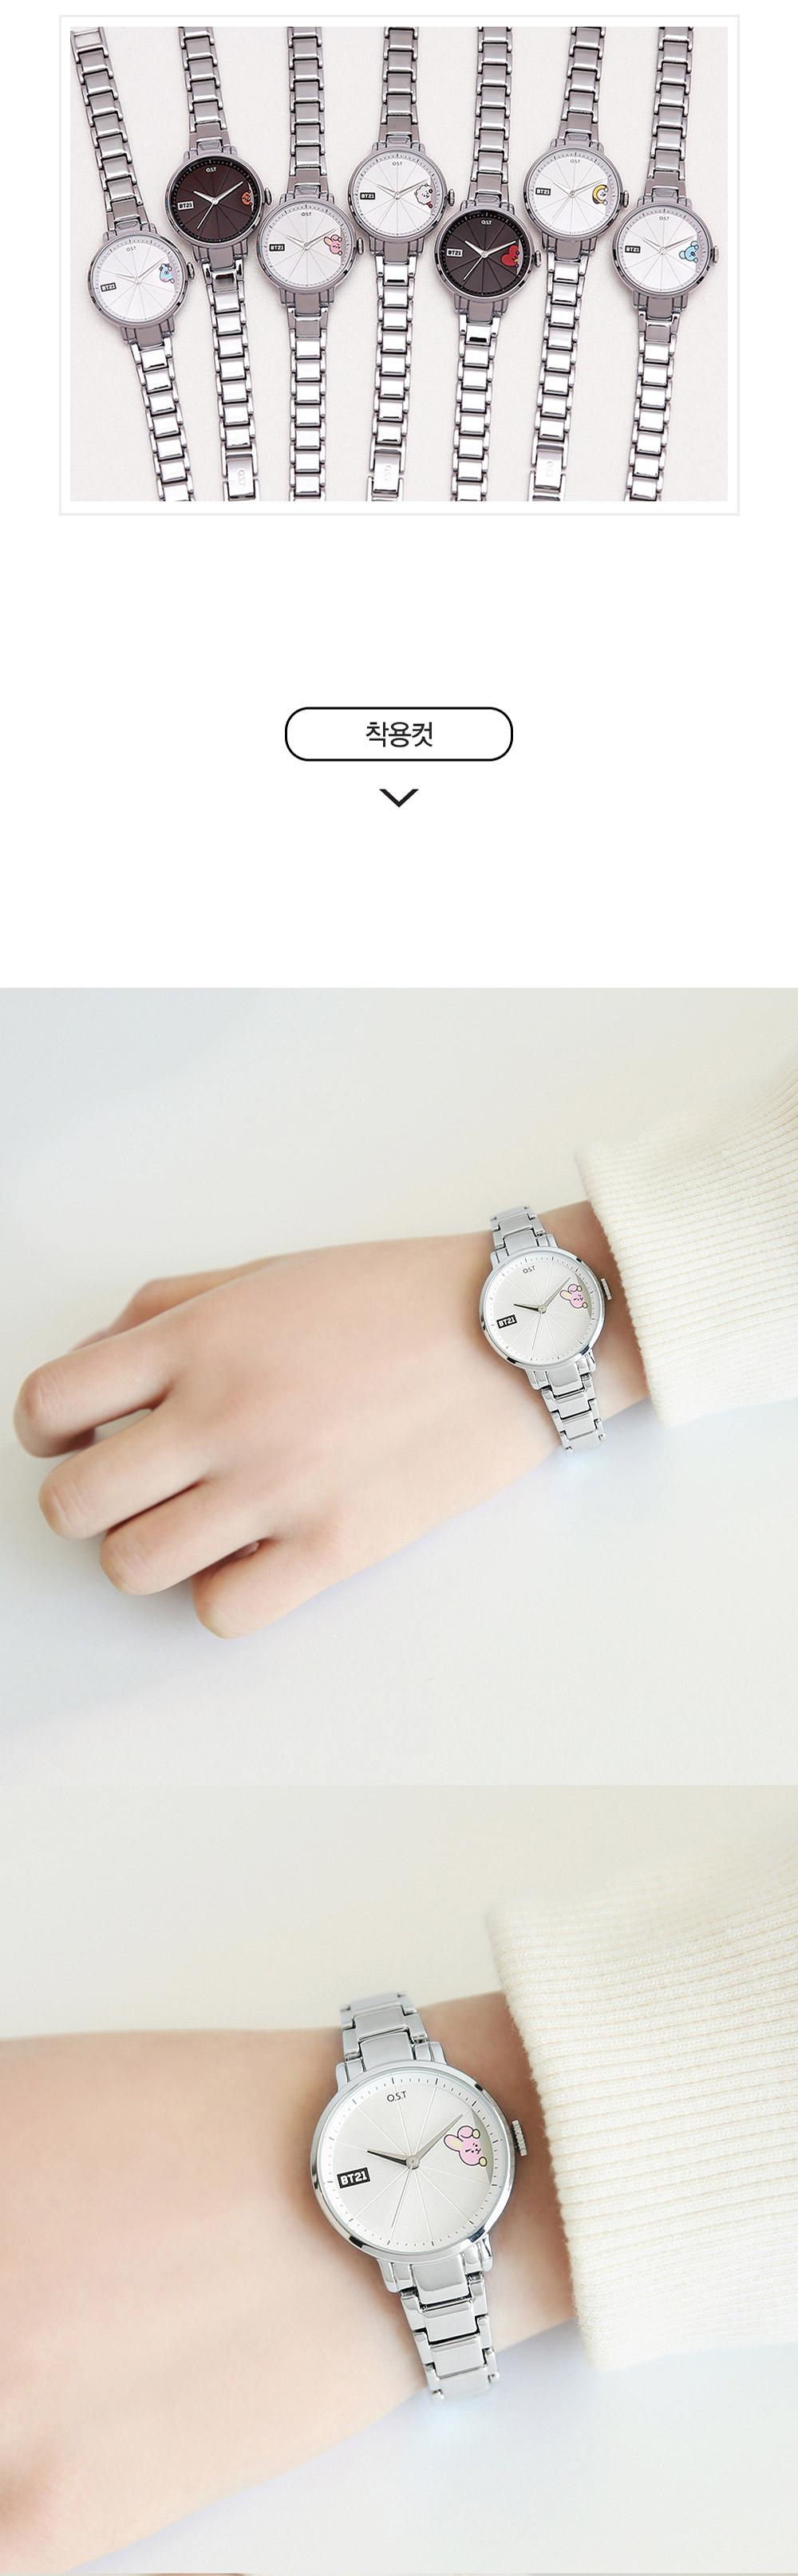 bt21_ost_simplemetalwatch_02.jpg